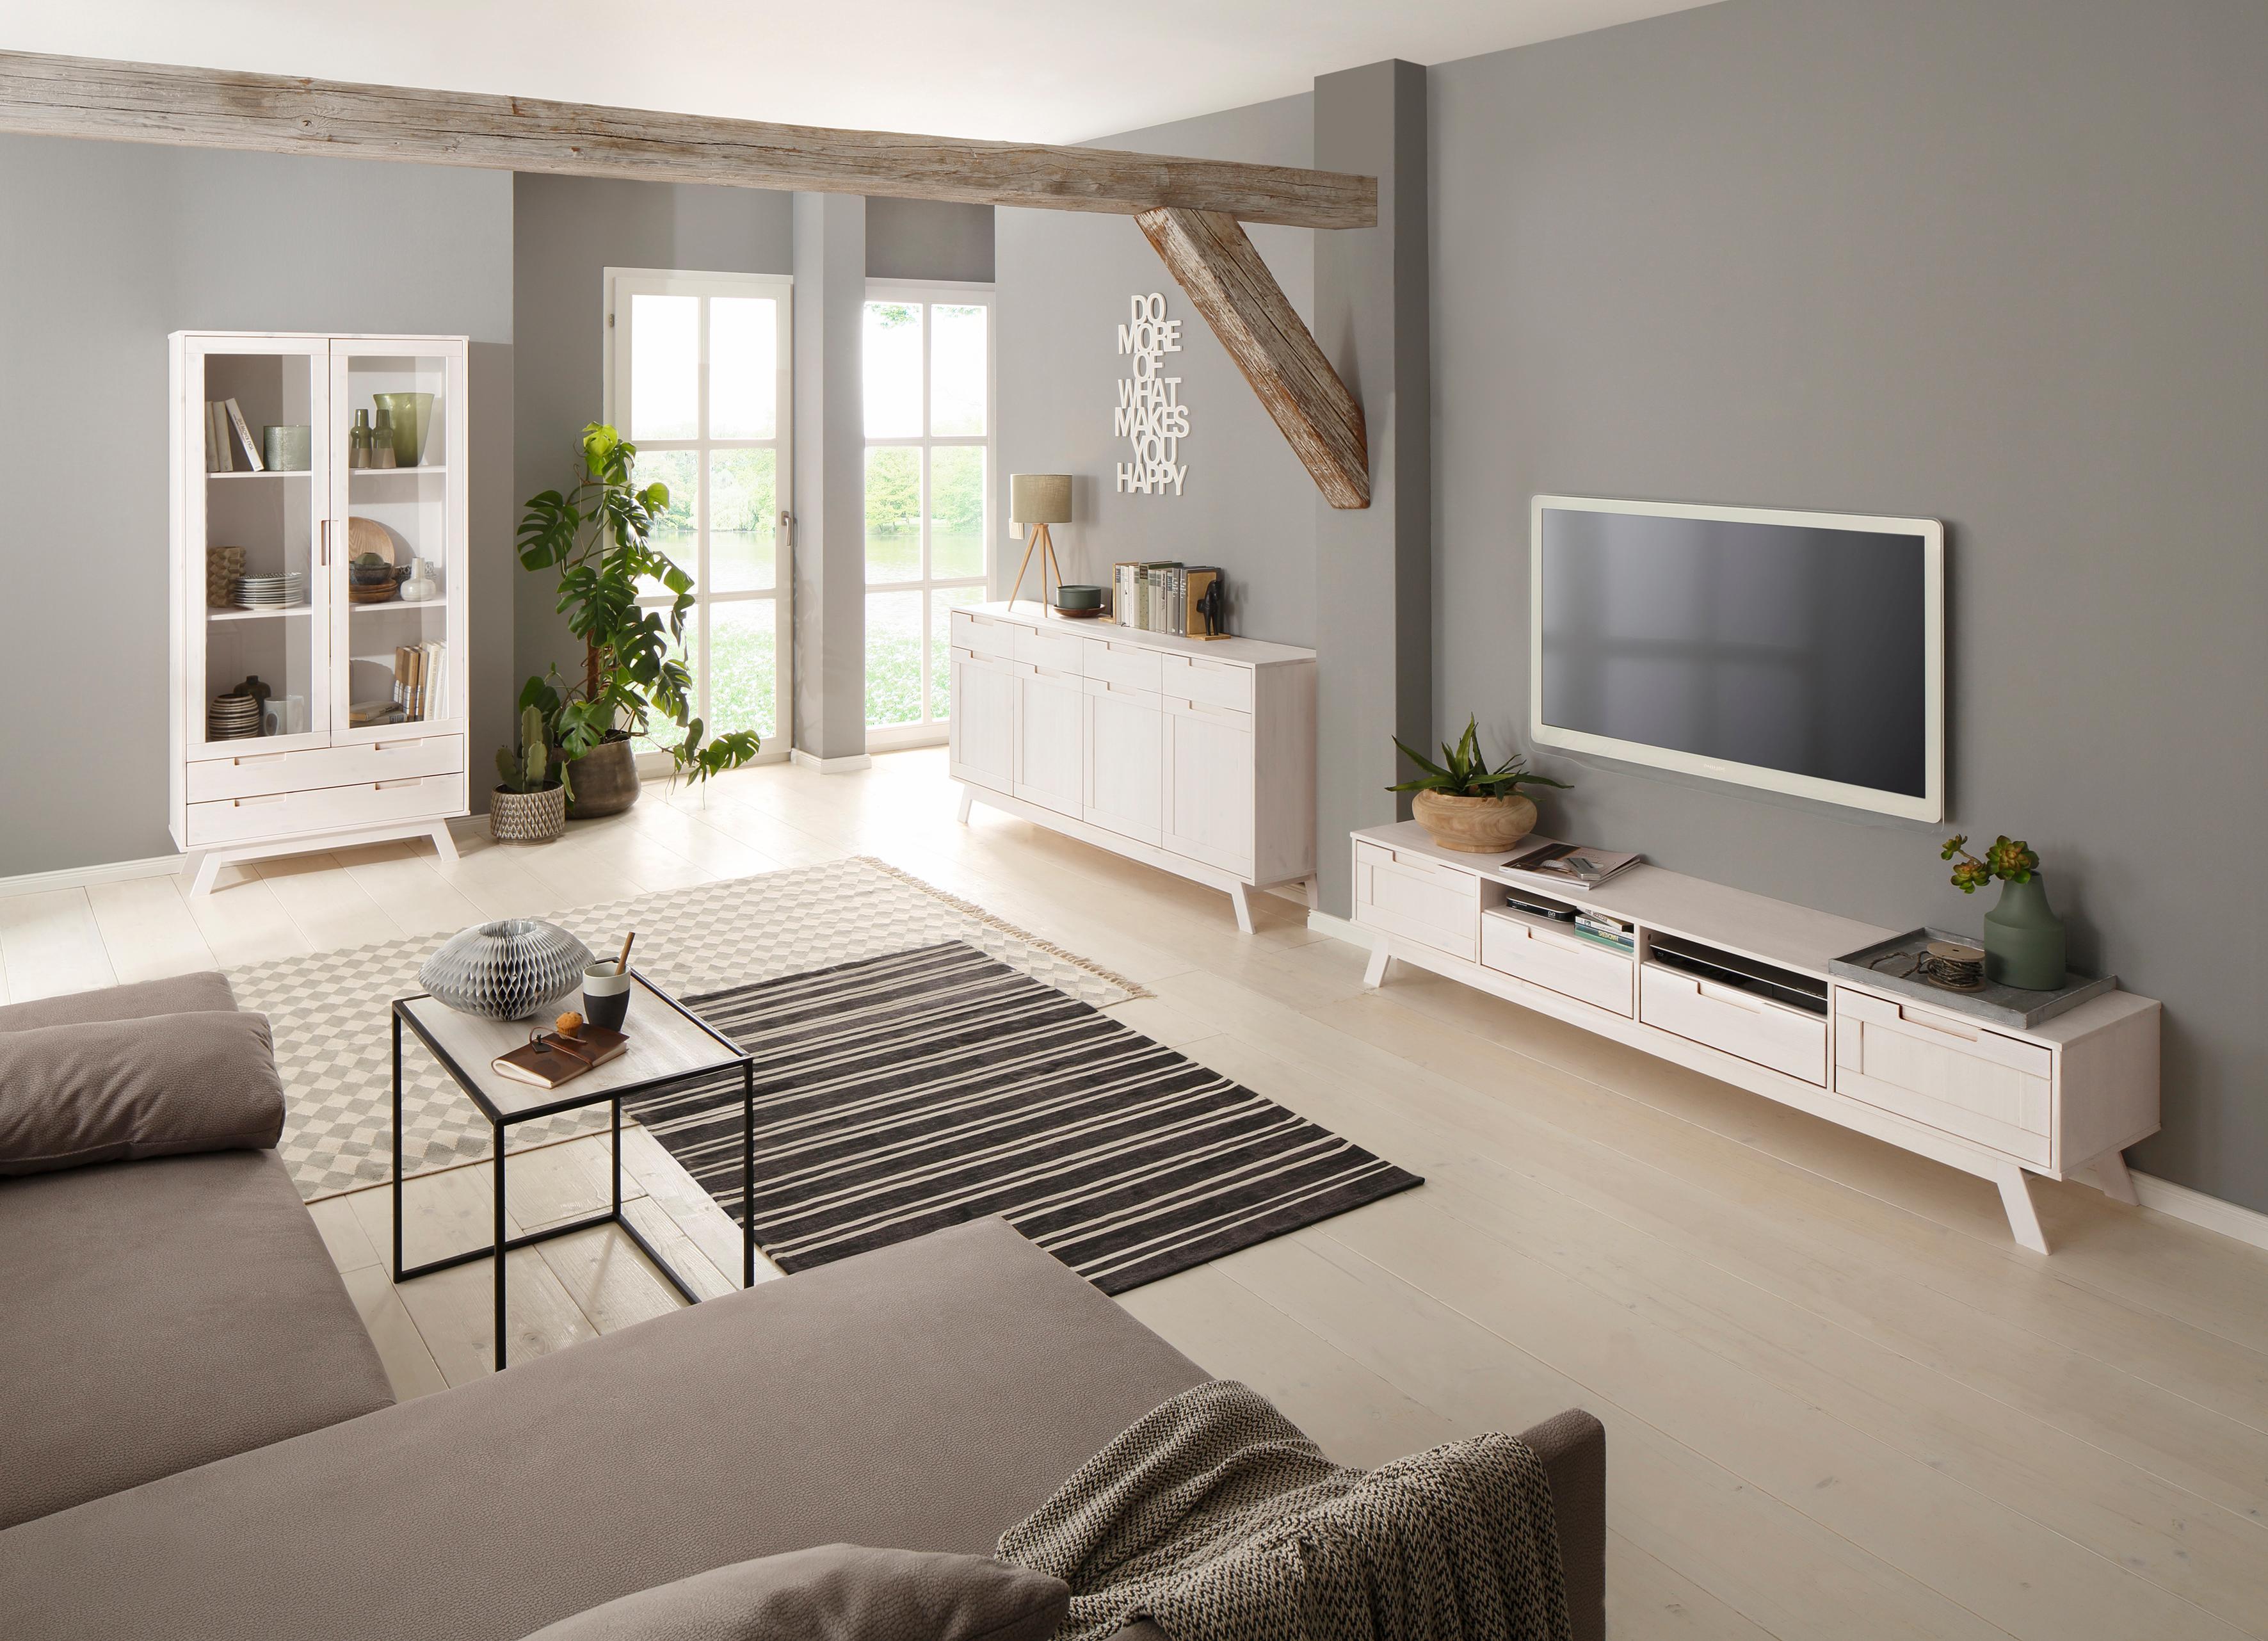 Home affaire Sideboard Ohio im traditionellem Design und vielen Stauraummöglichkeiten Breite 169 cm